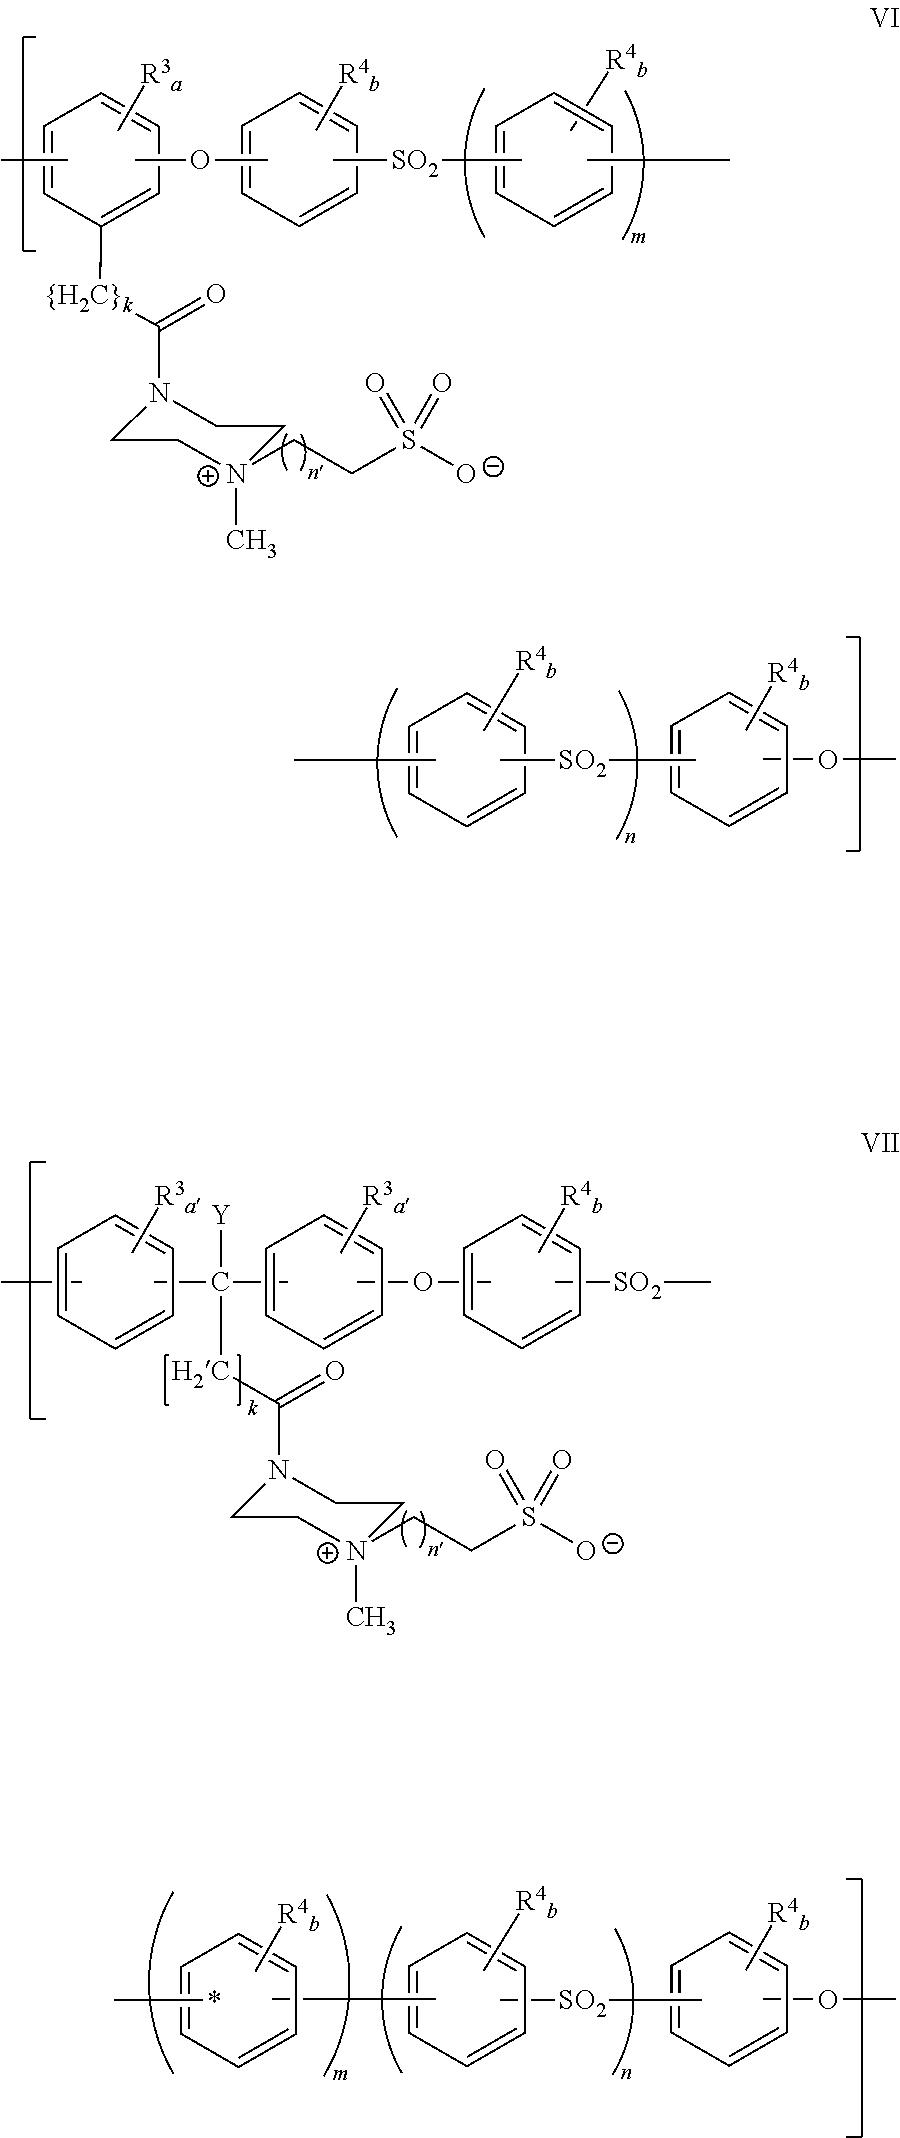 Figure US07985339-20110726-C00015